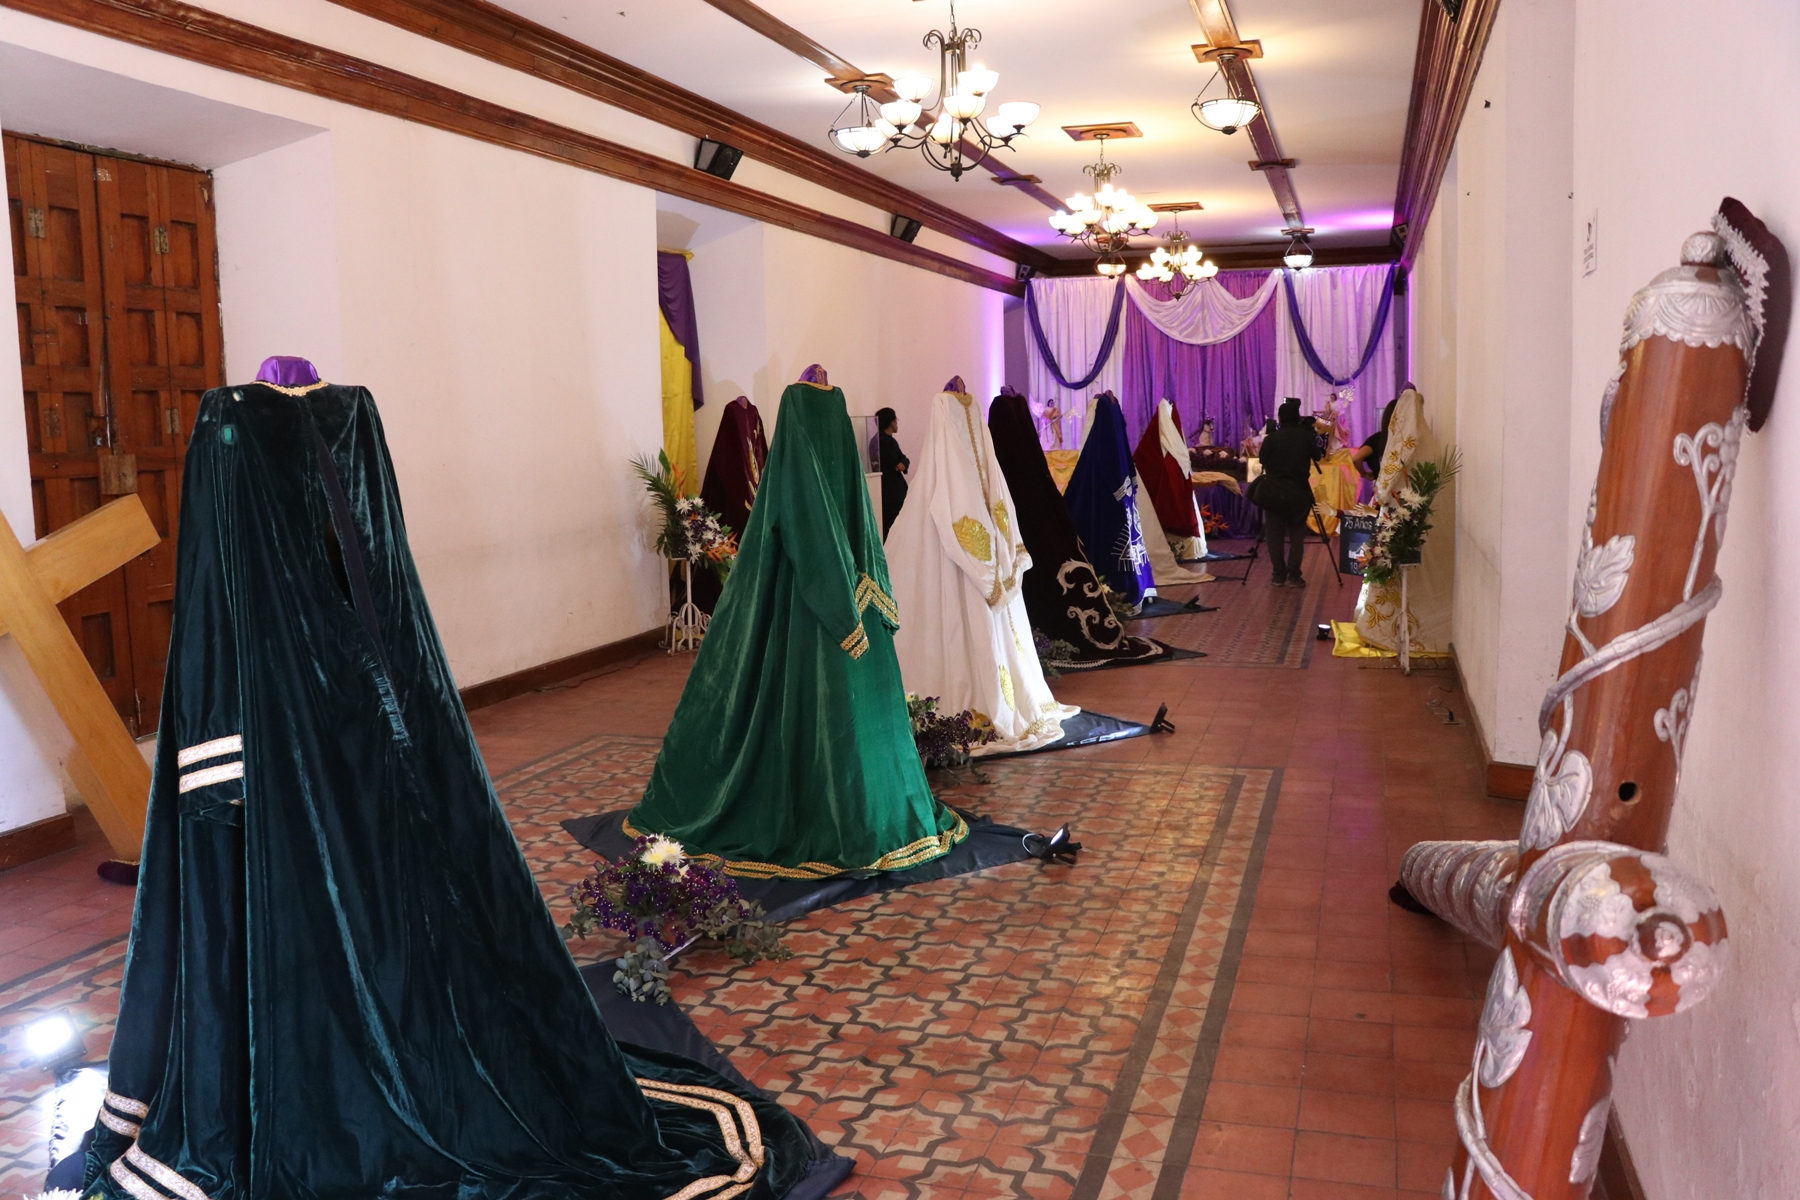 Túnicas de Justo Juez se exponen en Casa No´j. (Foto Prensa Libre: María Longo)